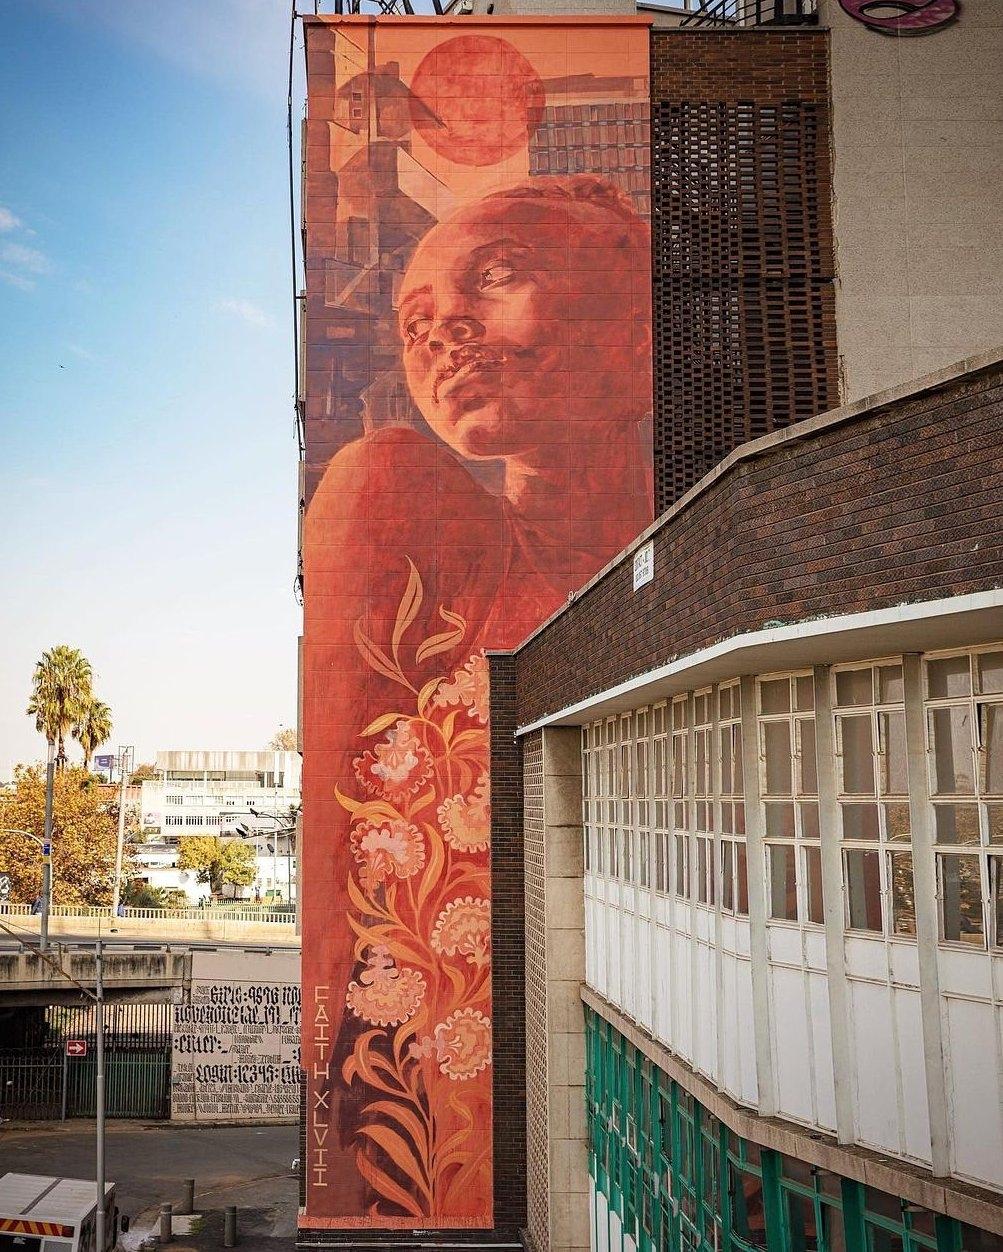 Faith47 @ Johannesburg, South Africa